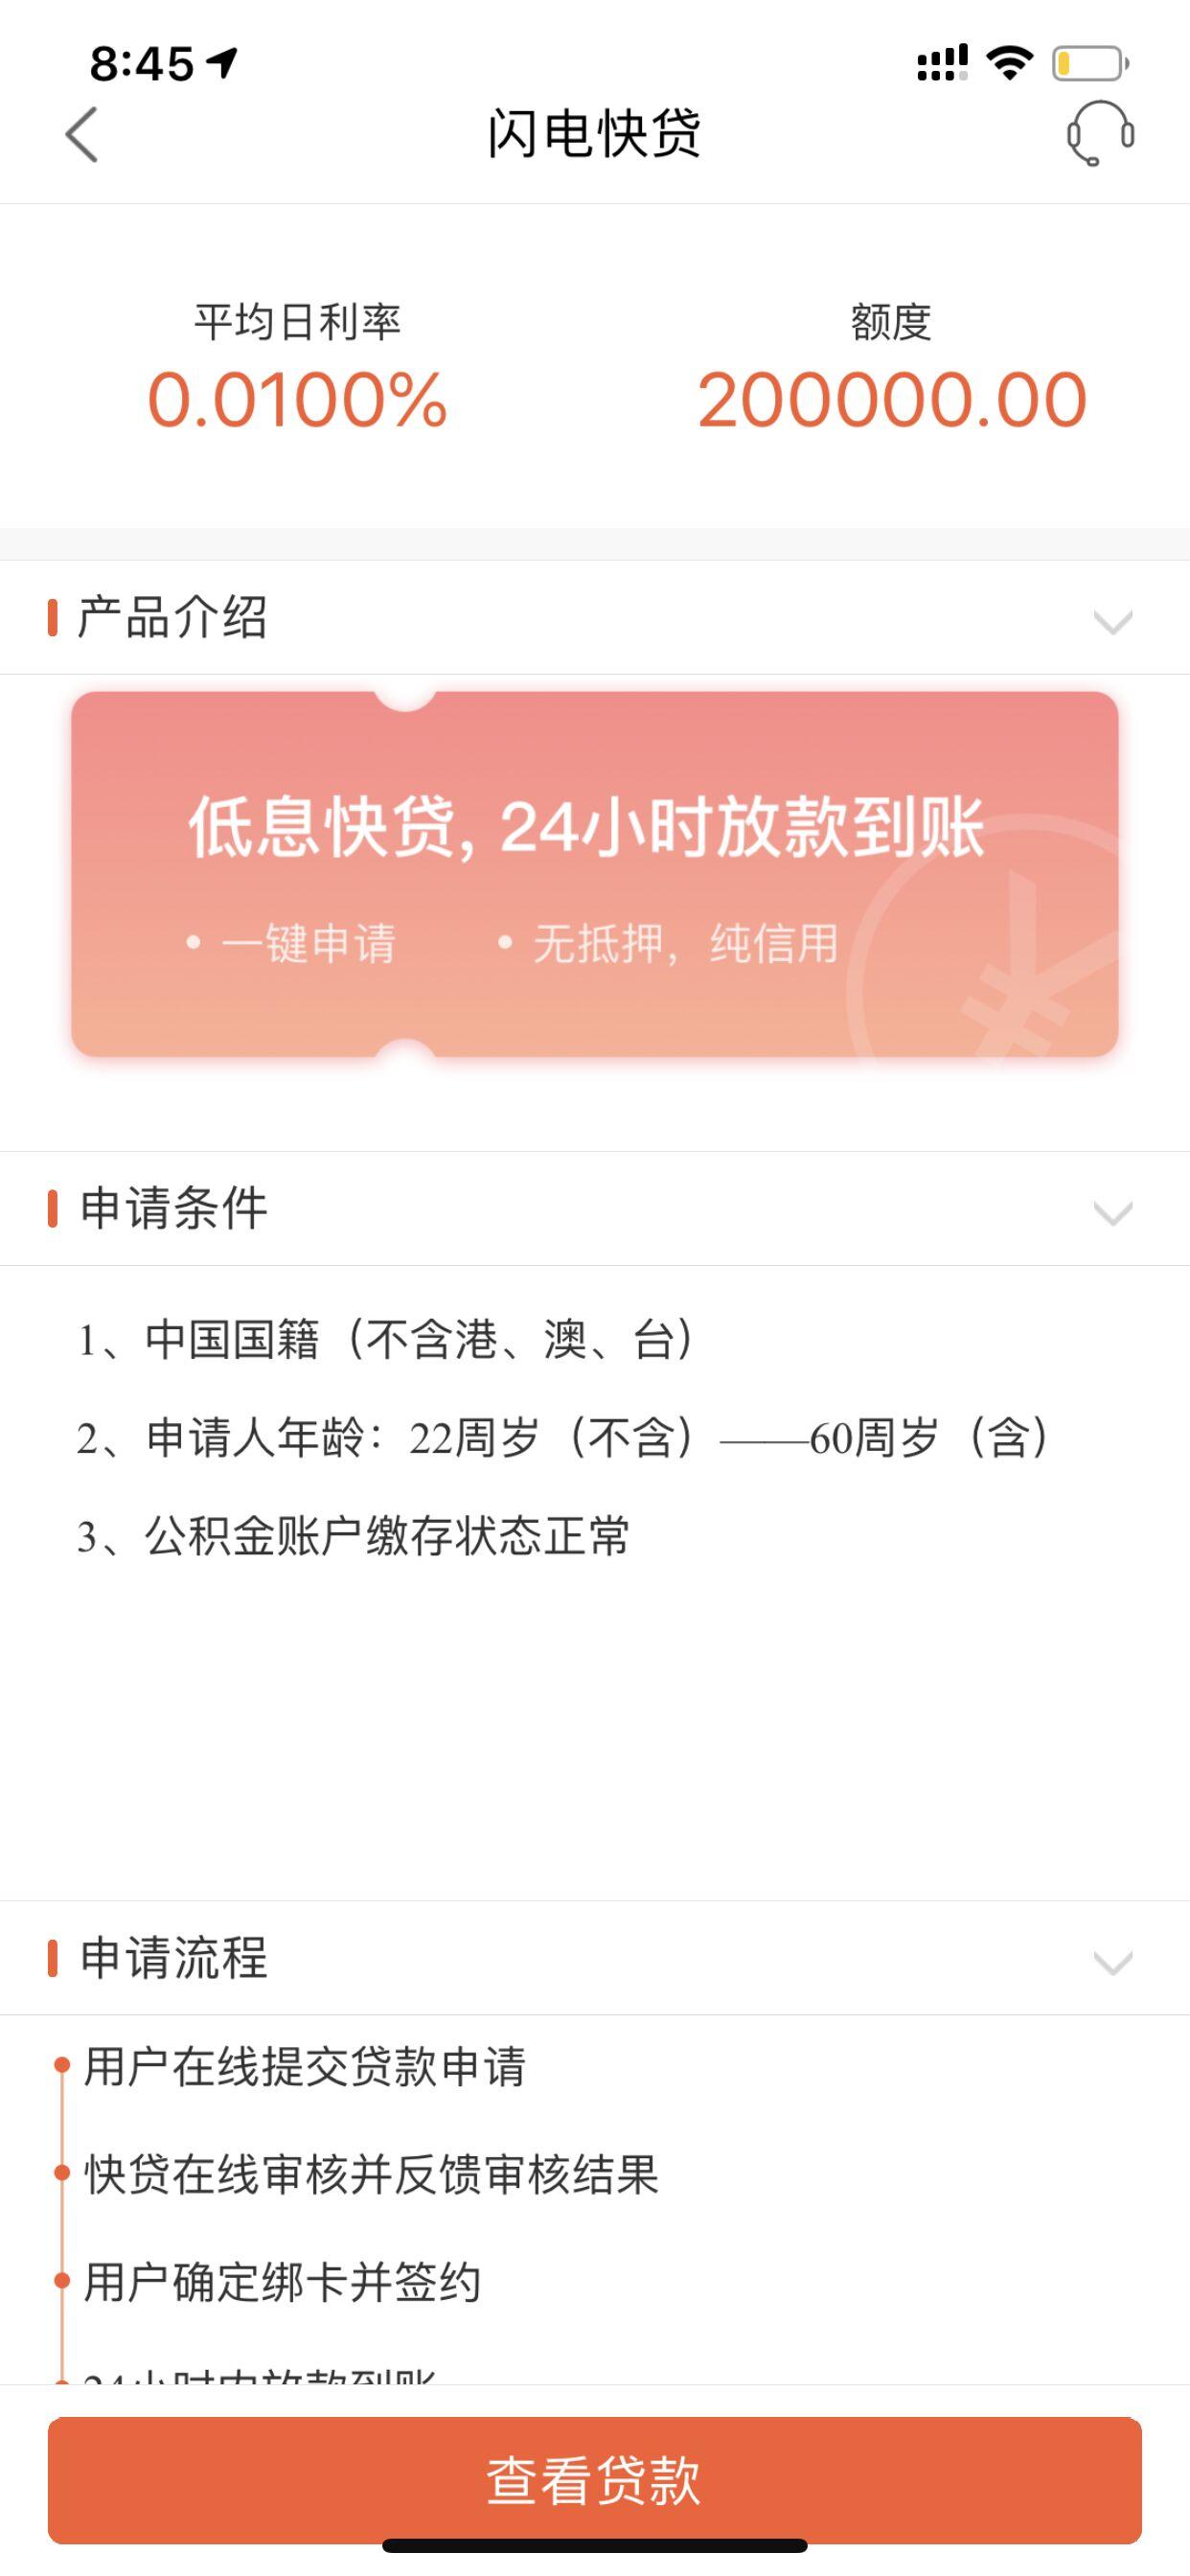 杭州信喜商务咨询有限公司快贷借款误导性宣传